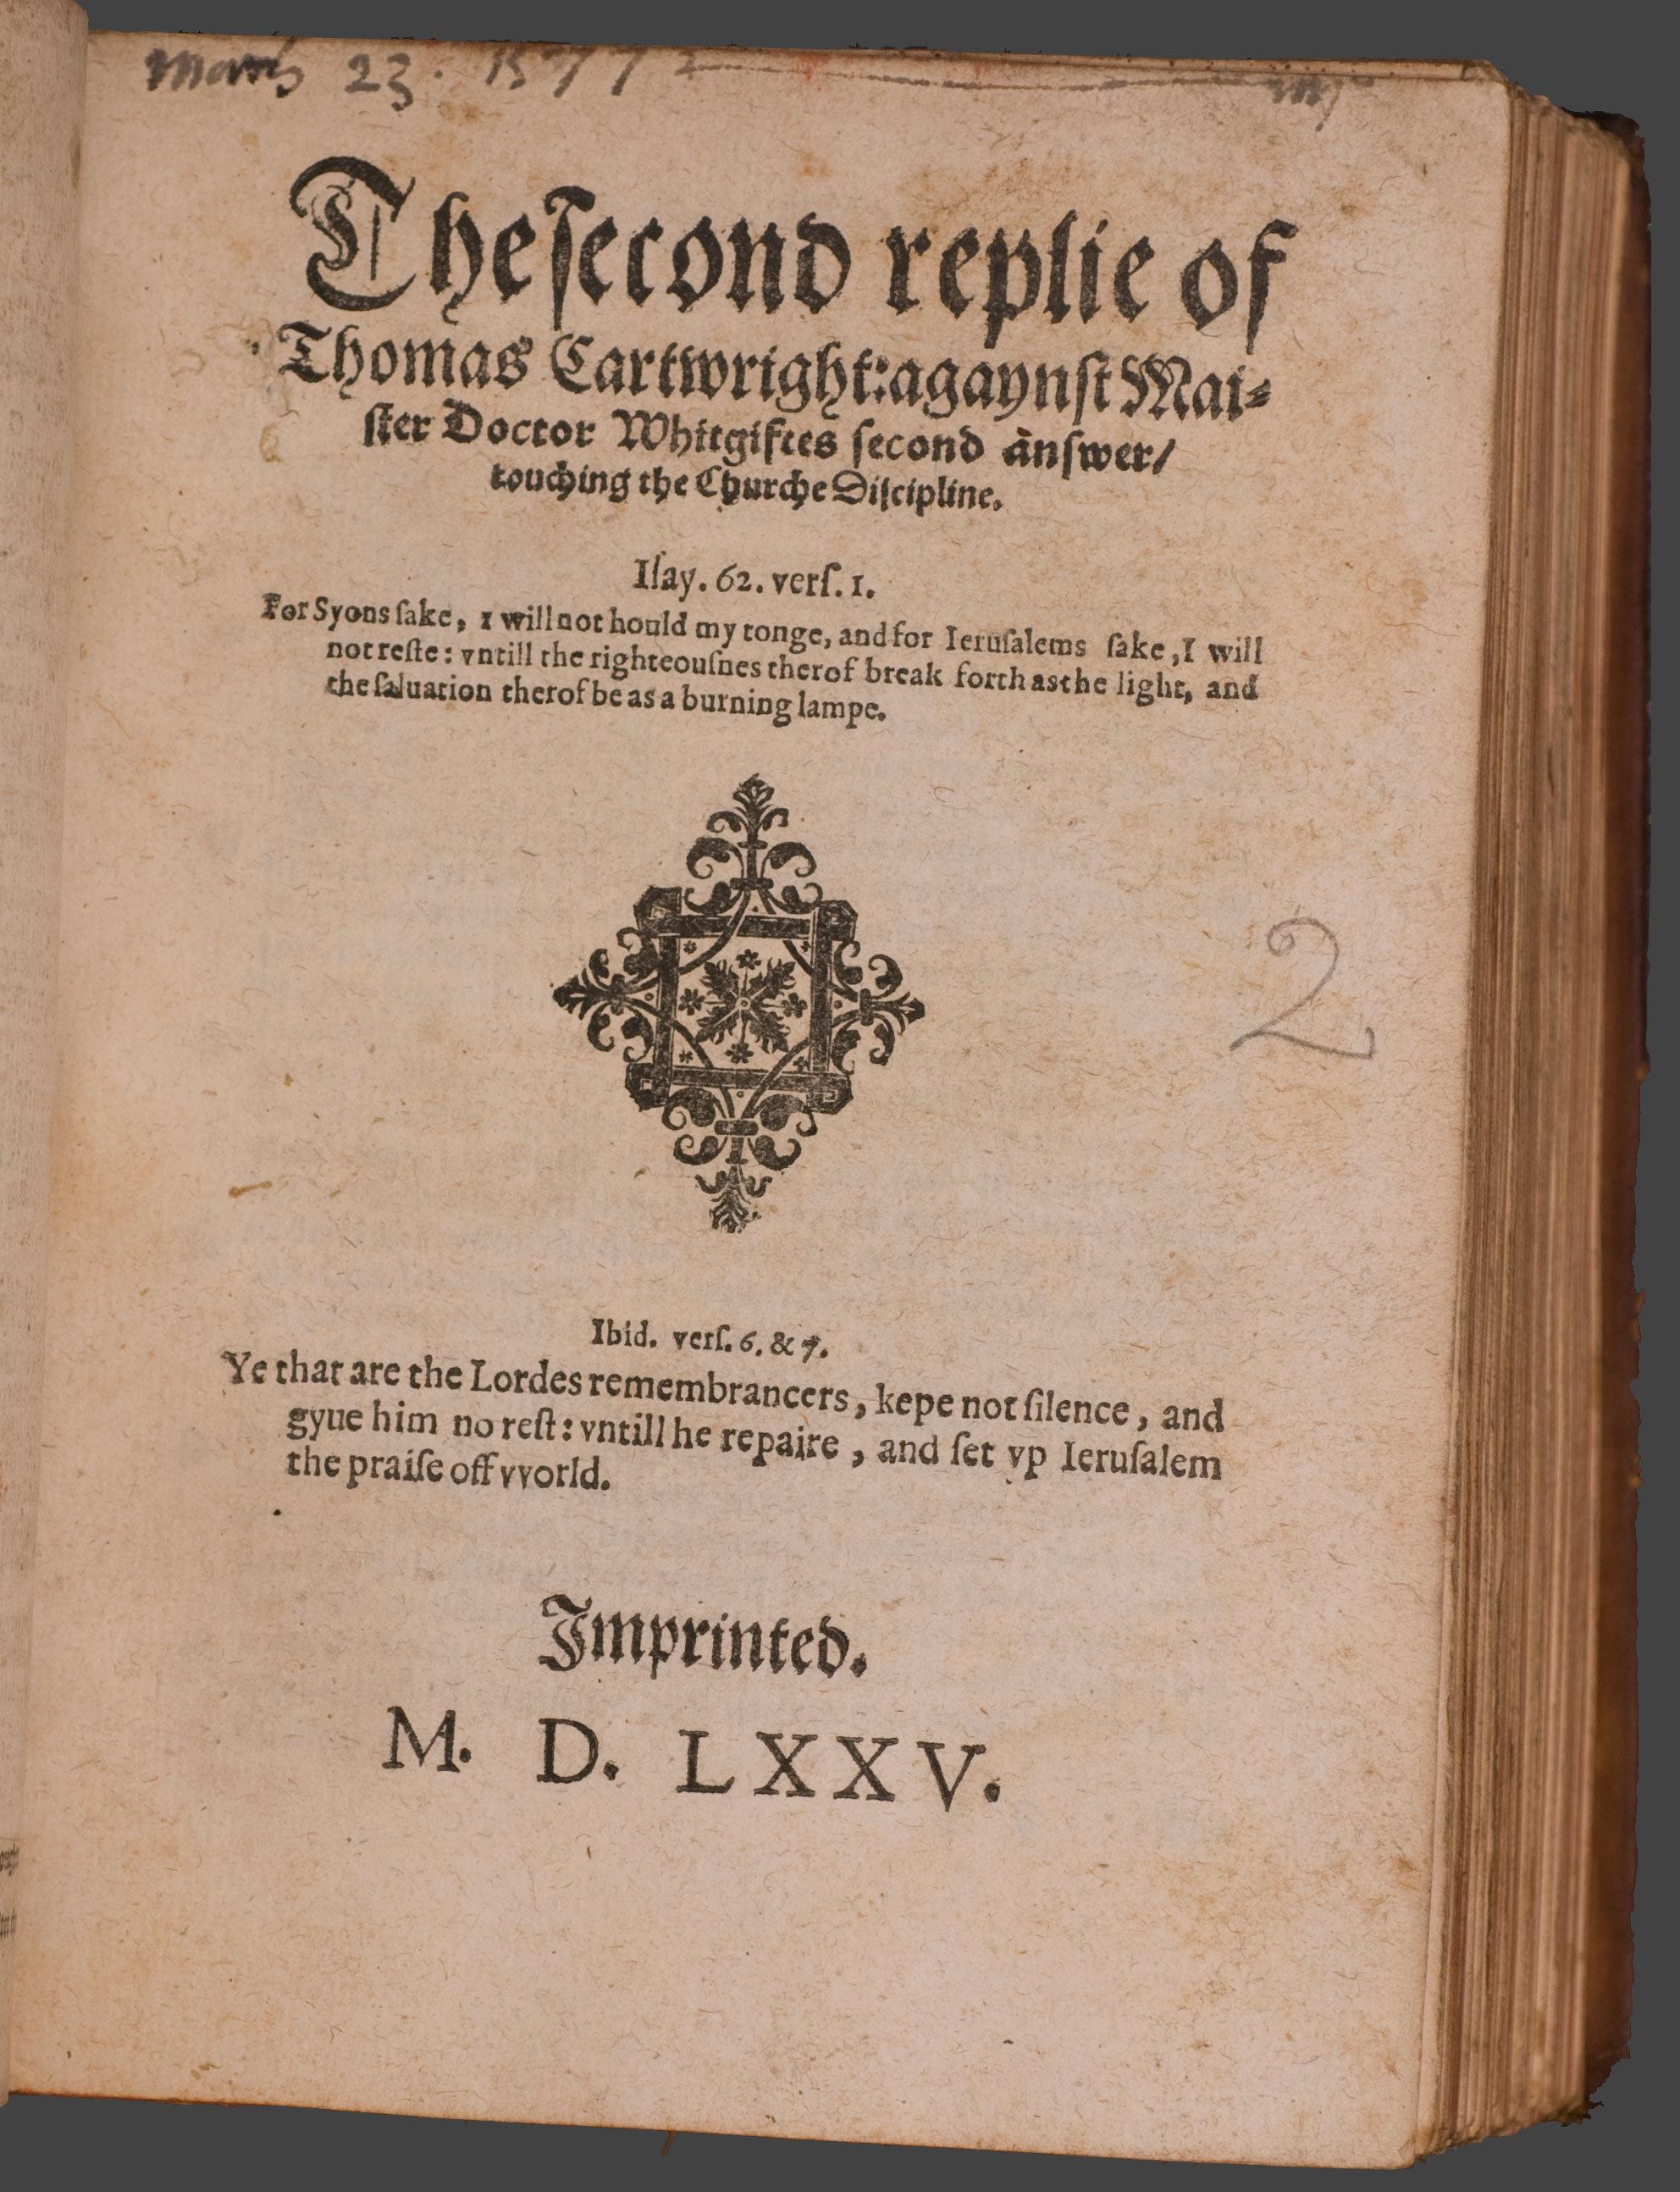 thesis on puritan beliefs